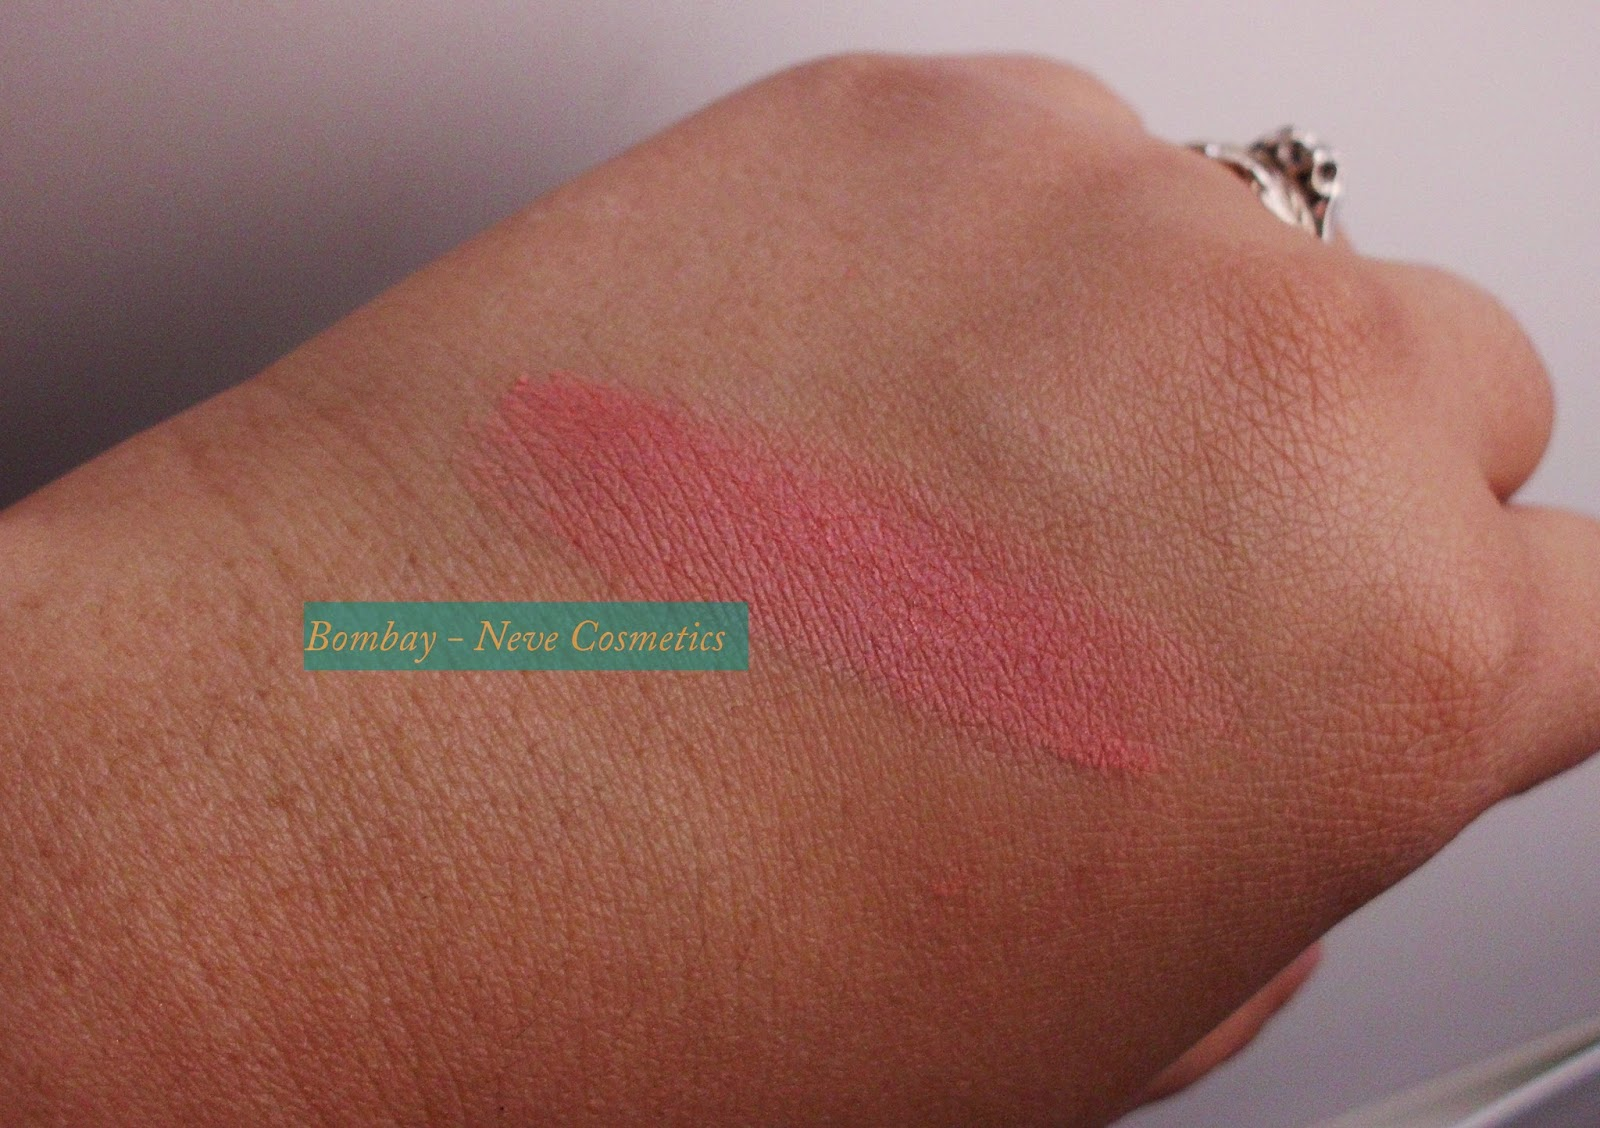 Bombay, Neve Cosmetics, Swatch pelle olivastra, pelle scura